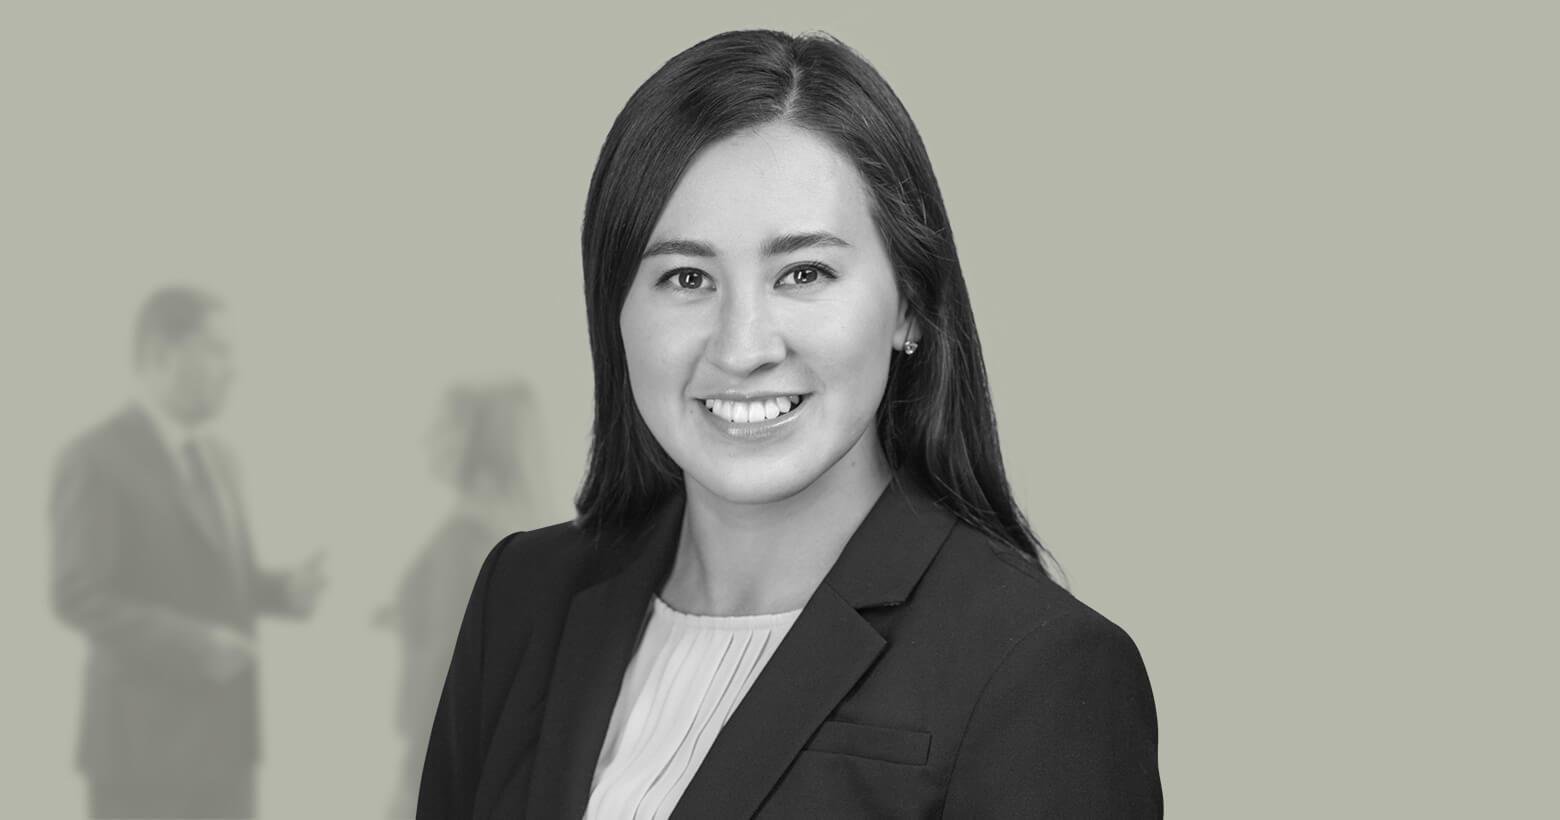 Janet W. Kanzawa